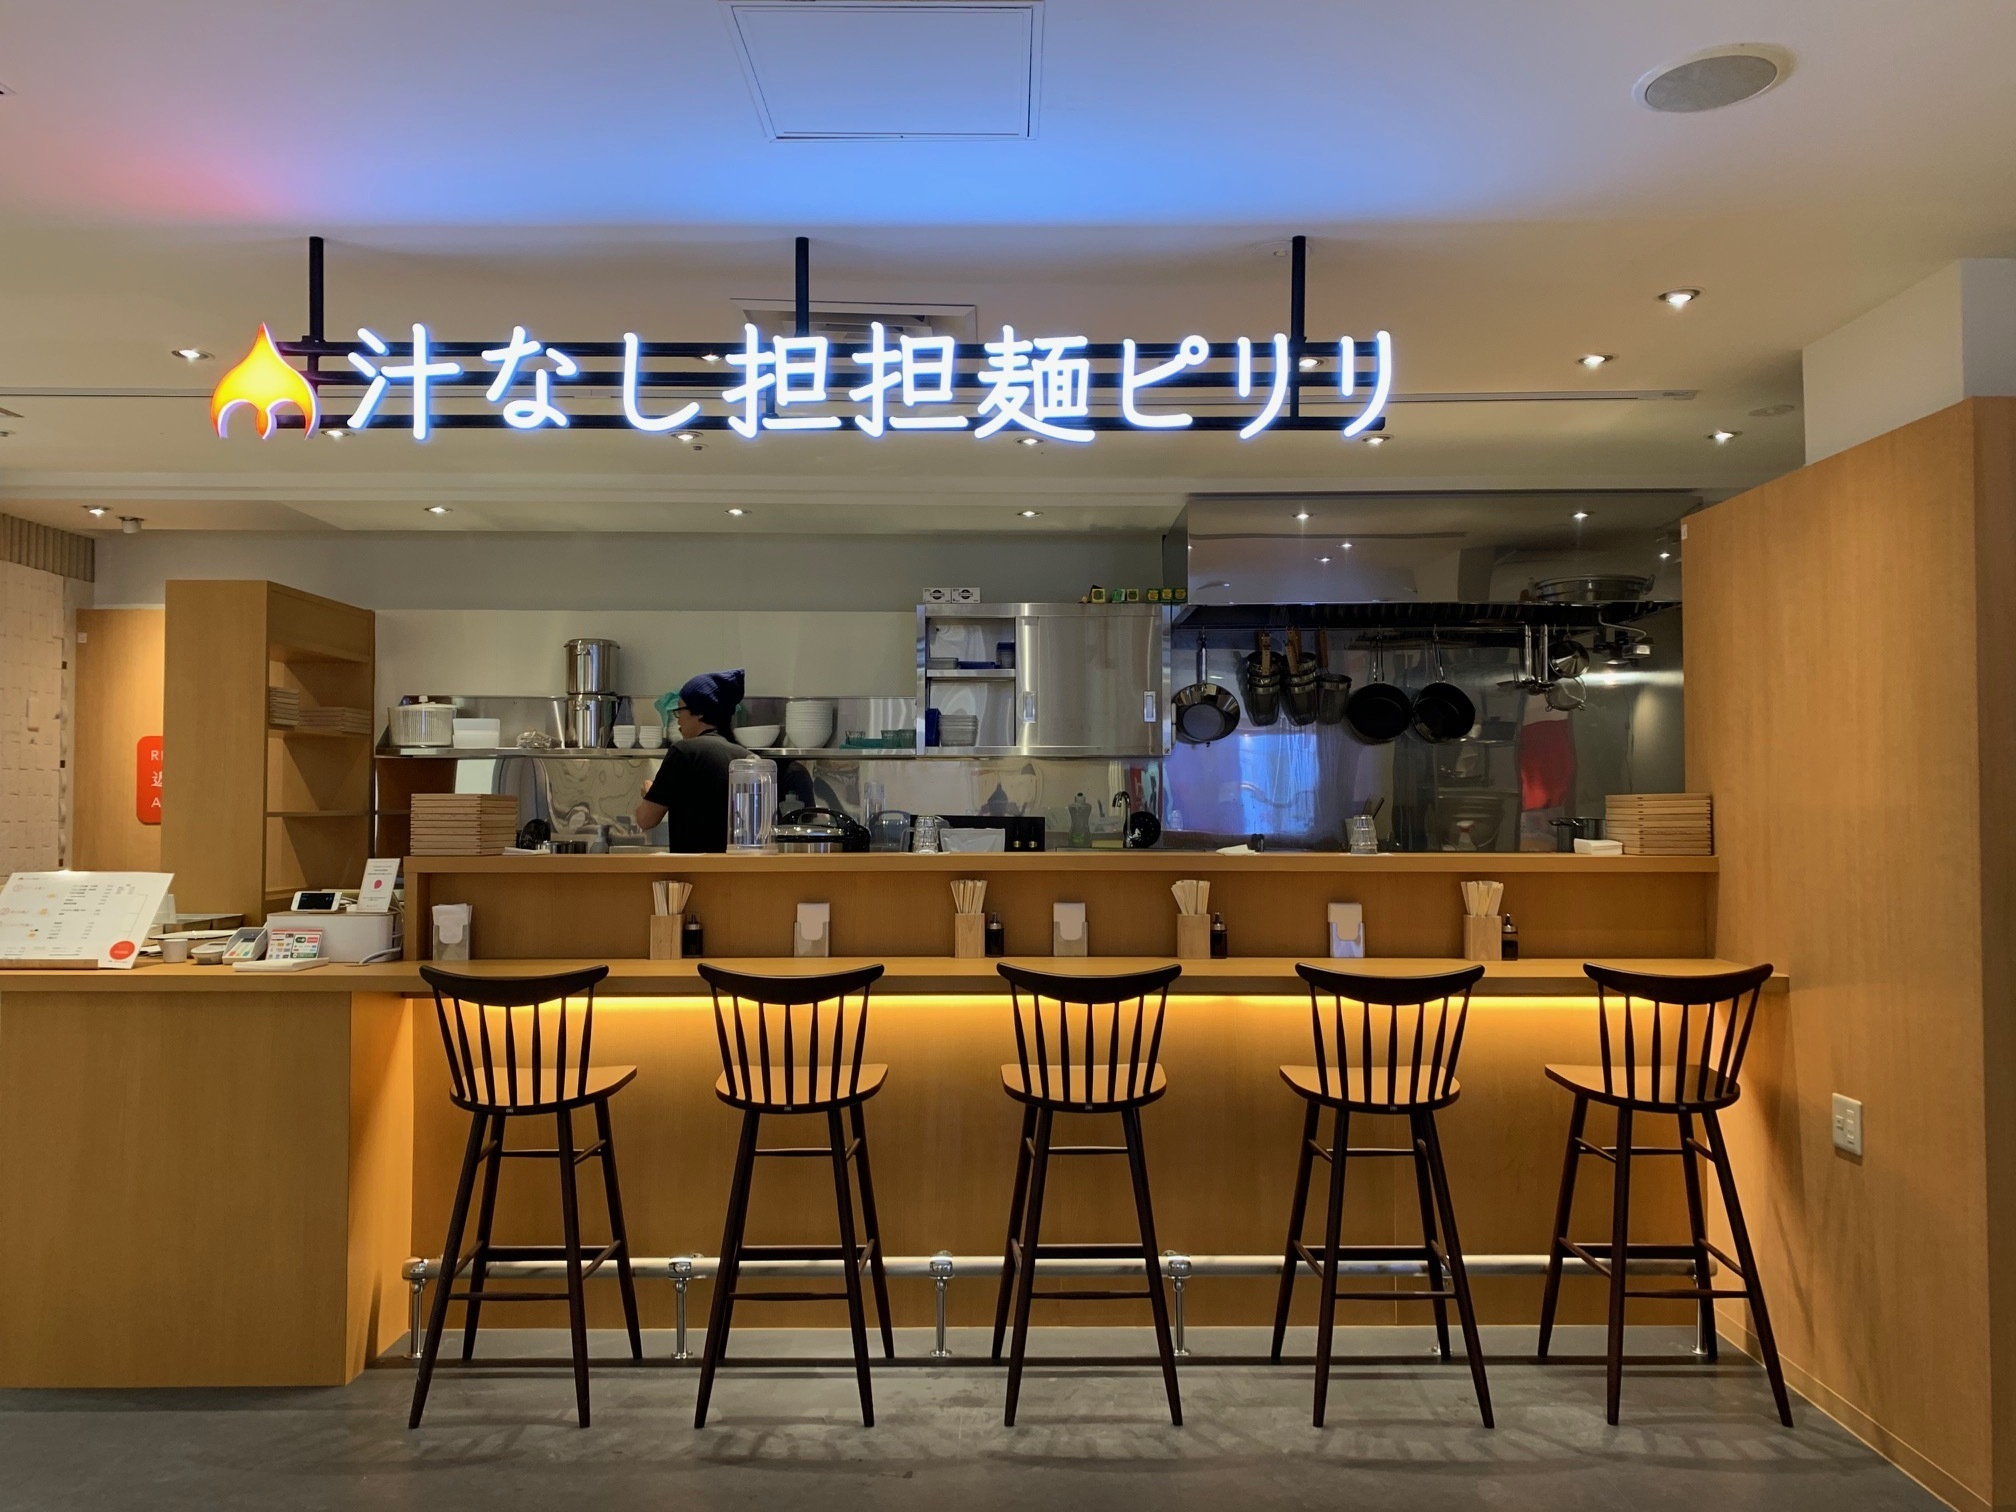 「汁なし担担麺ピリリ」 銀座店オープンと神田店の1周年を記念して4月20(月)よりキャンペーンを実施... 画像